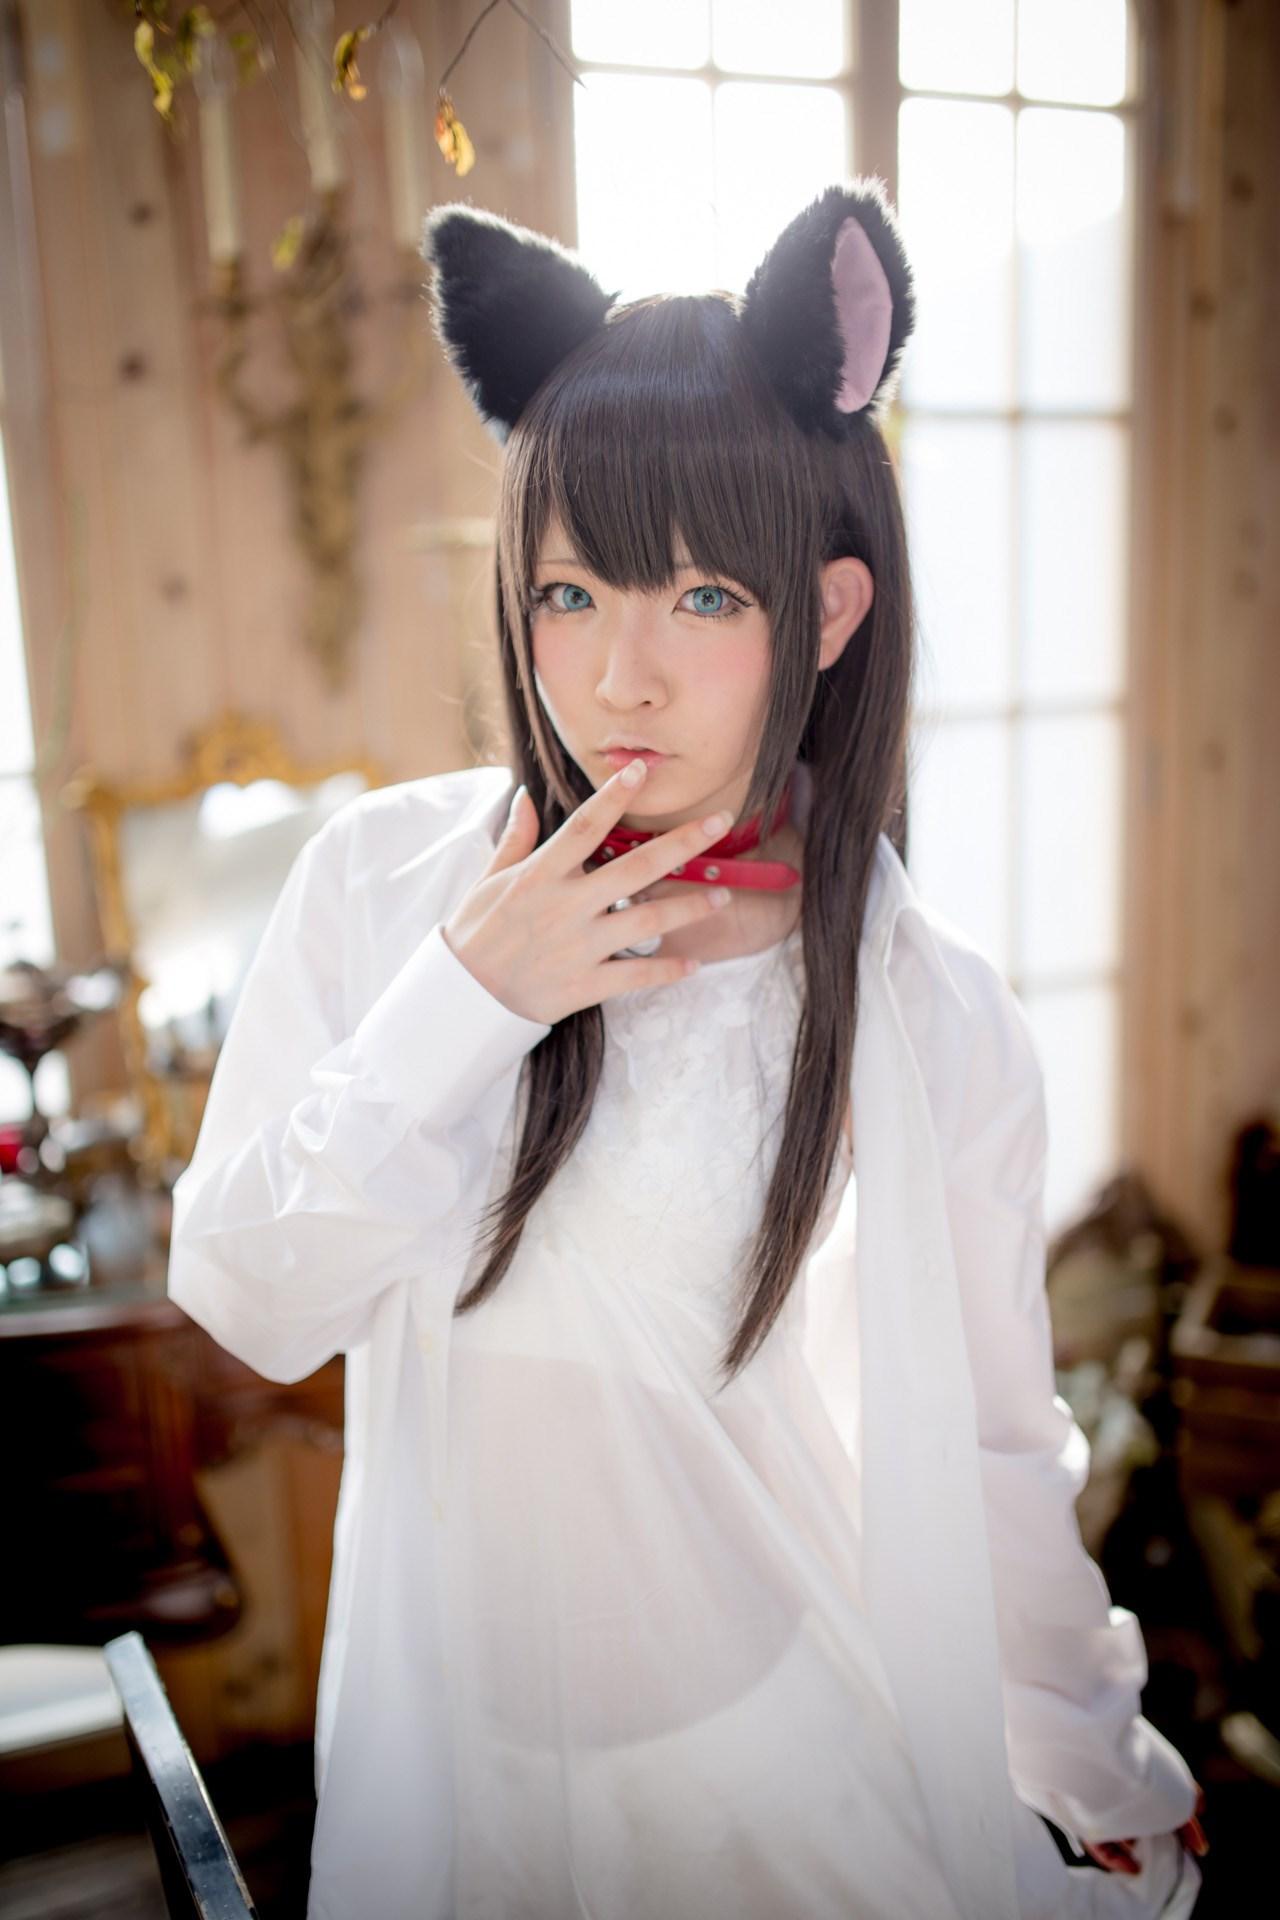 【兔玩映画】猫耳娘 兔玩映画 第9张